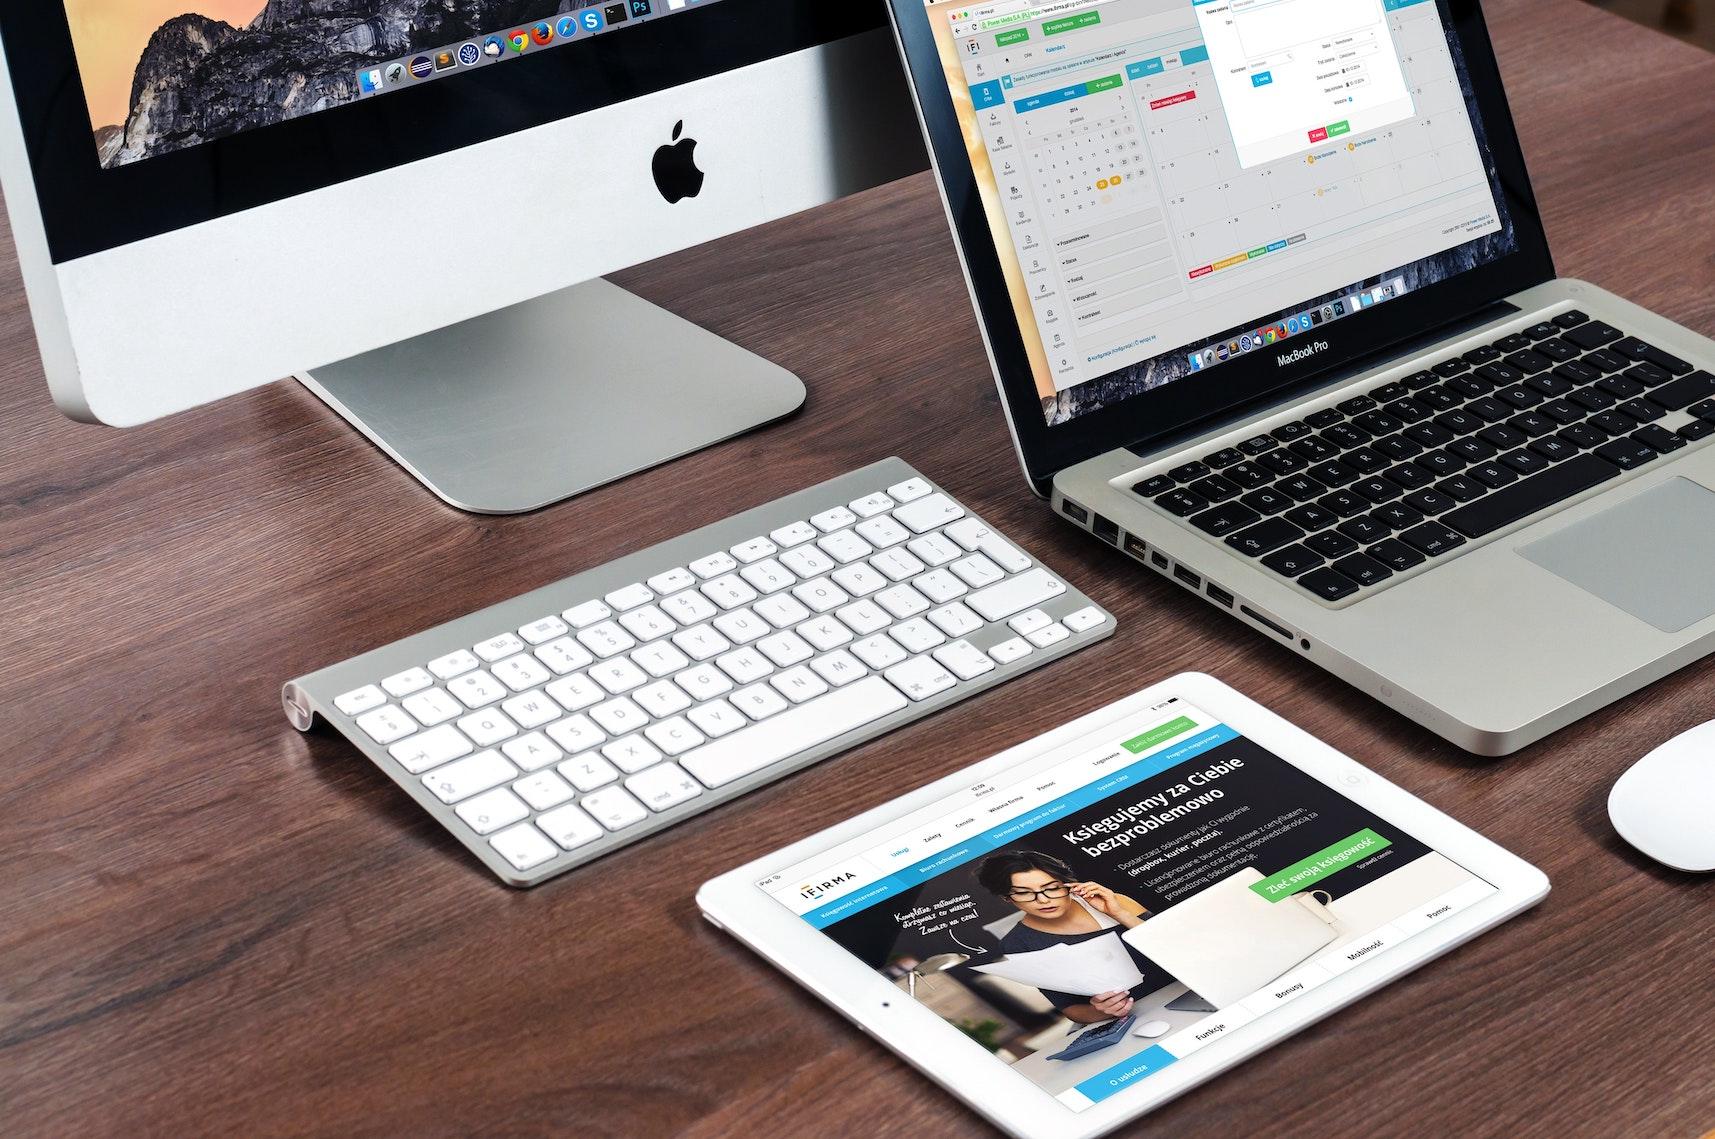 Création de site internet gratuit : quels en sont les inconvénients ?